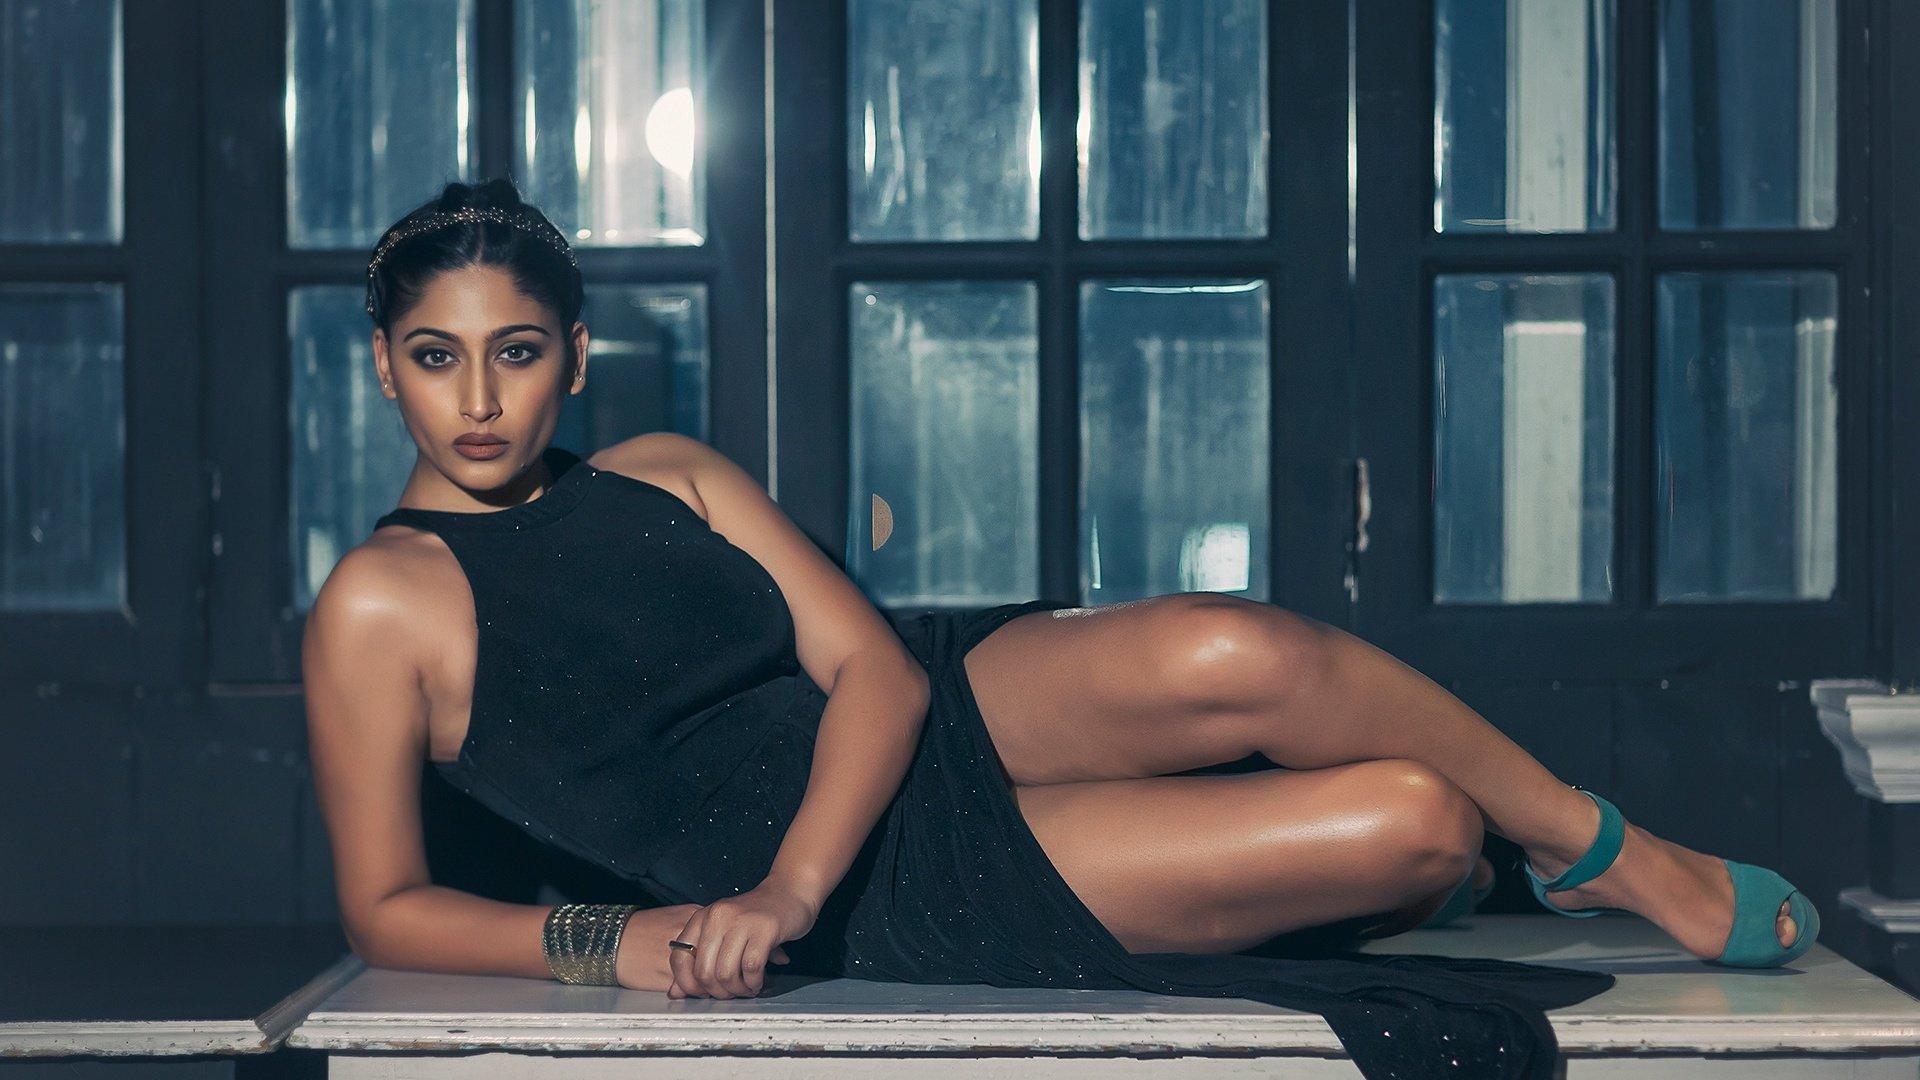 Голая индийская модель и актриса рия сен в частном ...